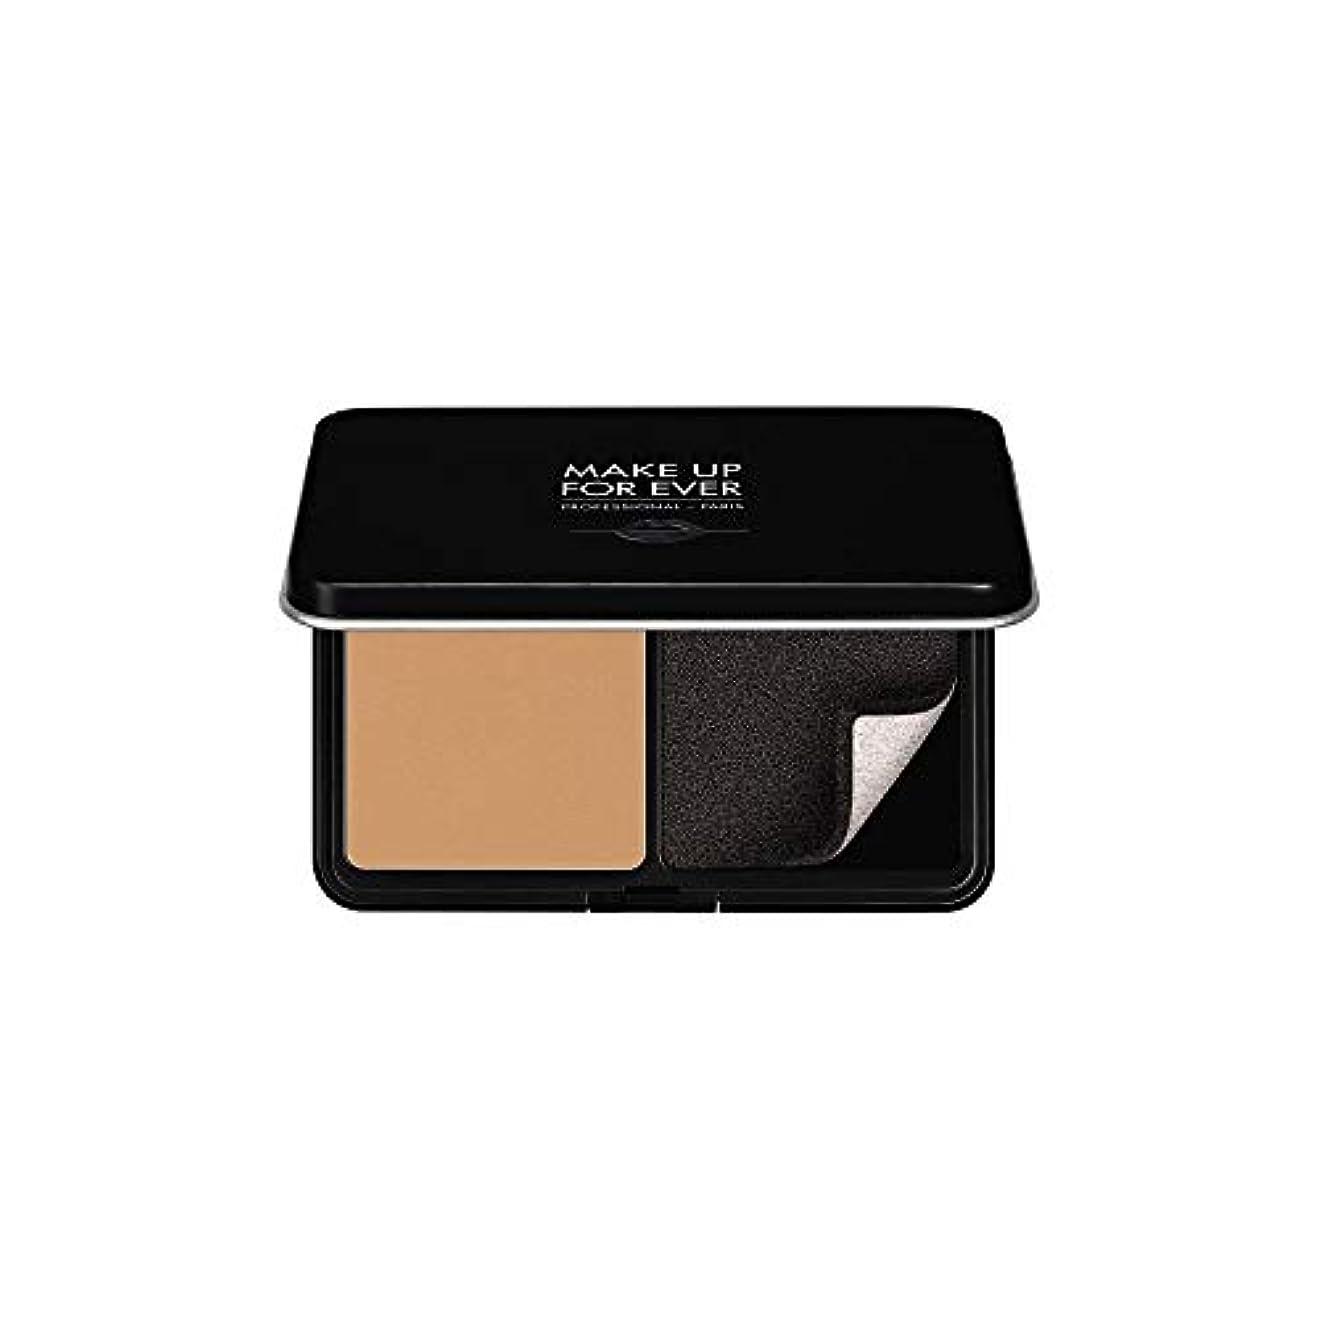 ブレース外交官休戦メイクアップフォーエバー Matte Velvet Skin Blurring Powder Foundation - # Y375 (Golden Sand) 11g/0.38oz並行輸入品